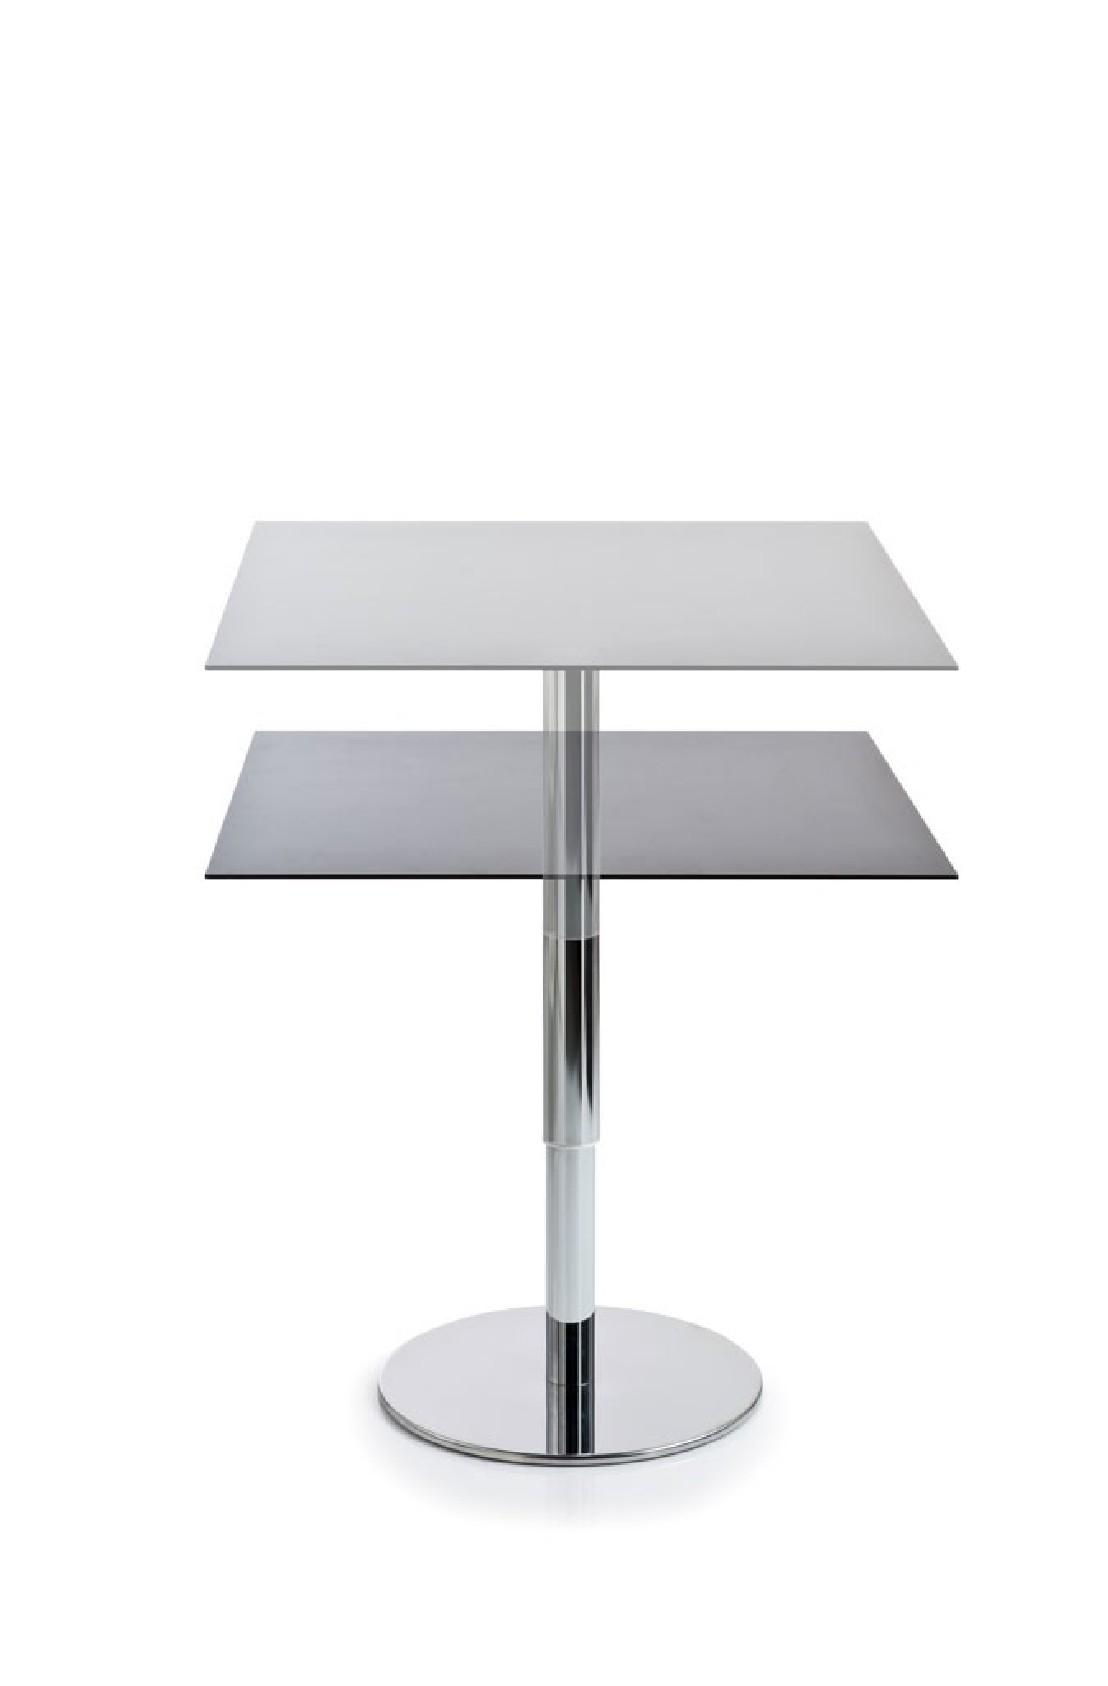 Table mange-debout réglable en hauteur INCOLLECTION carrée 7 X 7 cm